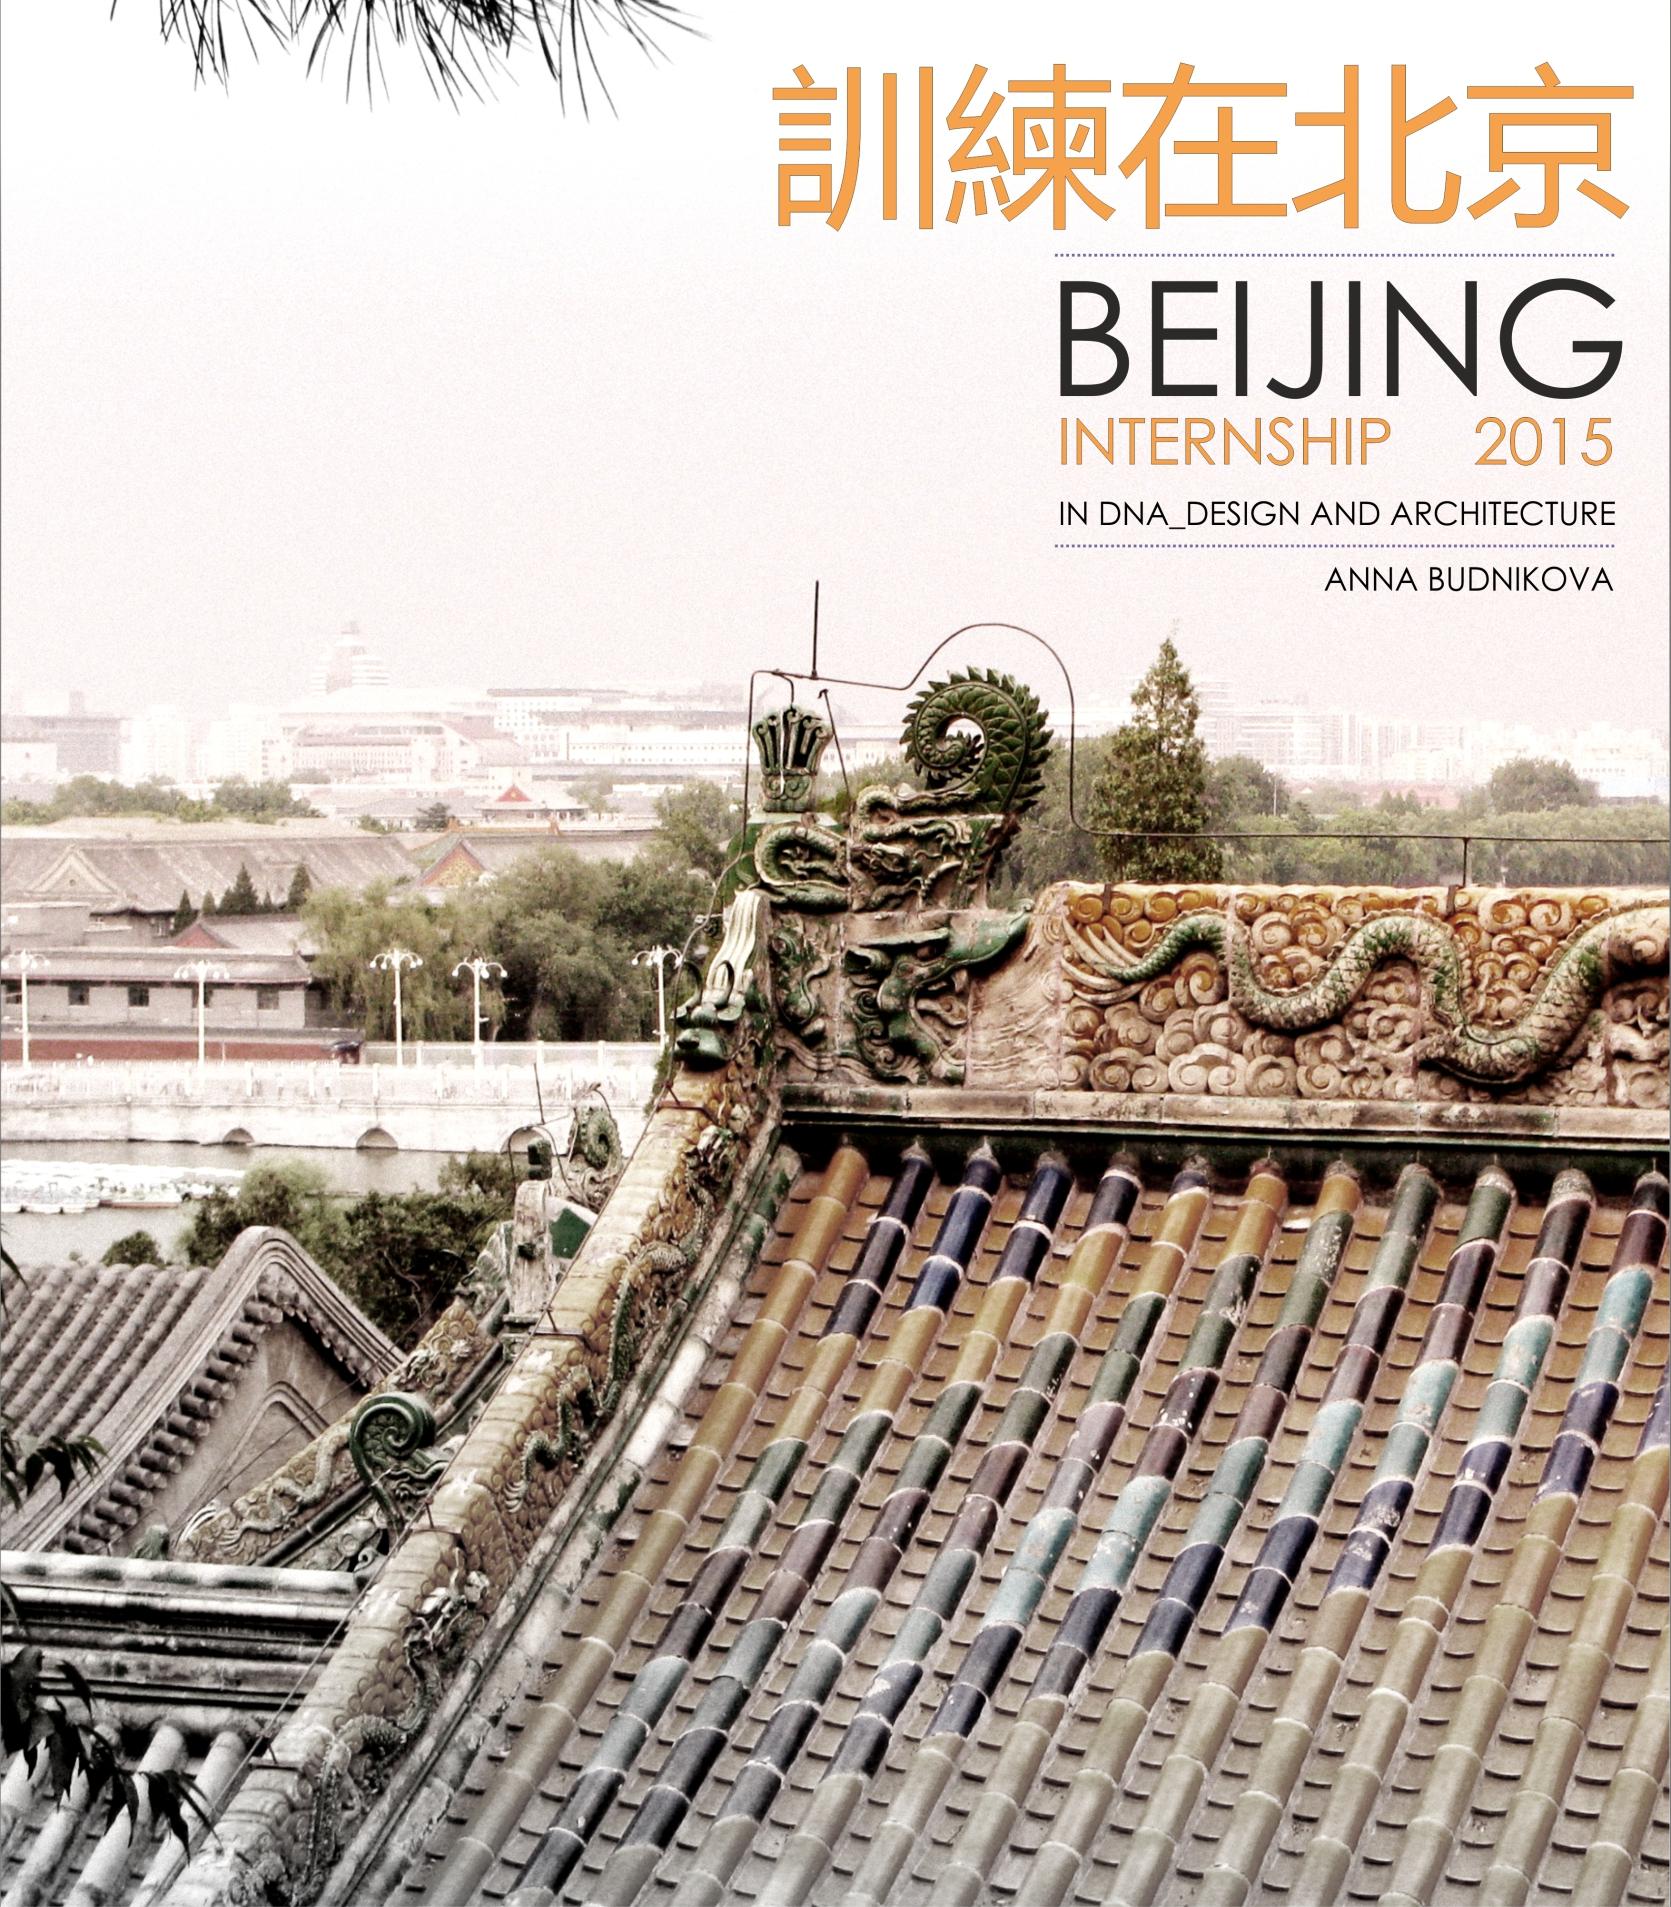 Архитектурная практика Анны Будниковой в офисе DNA_Design and Architecture, Пекин